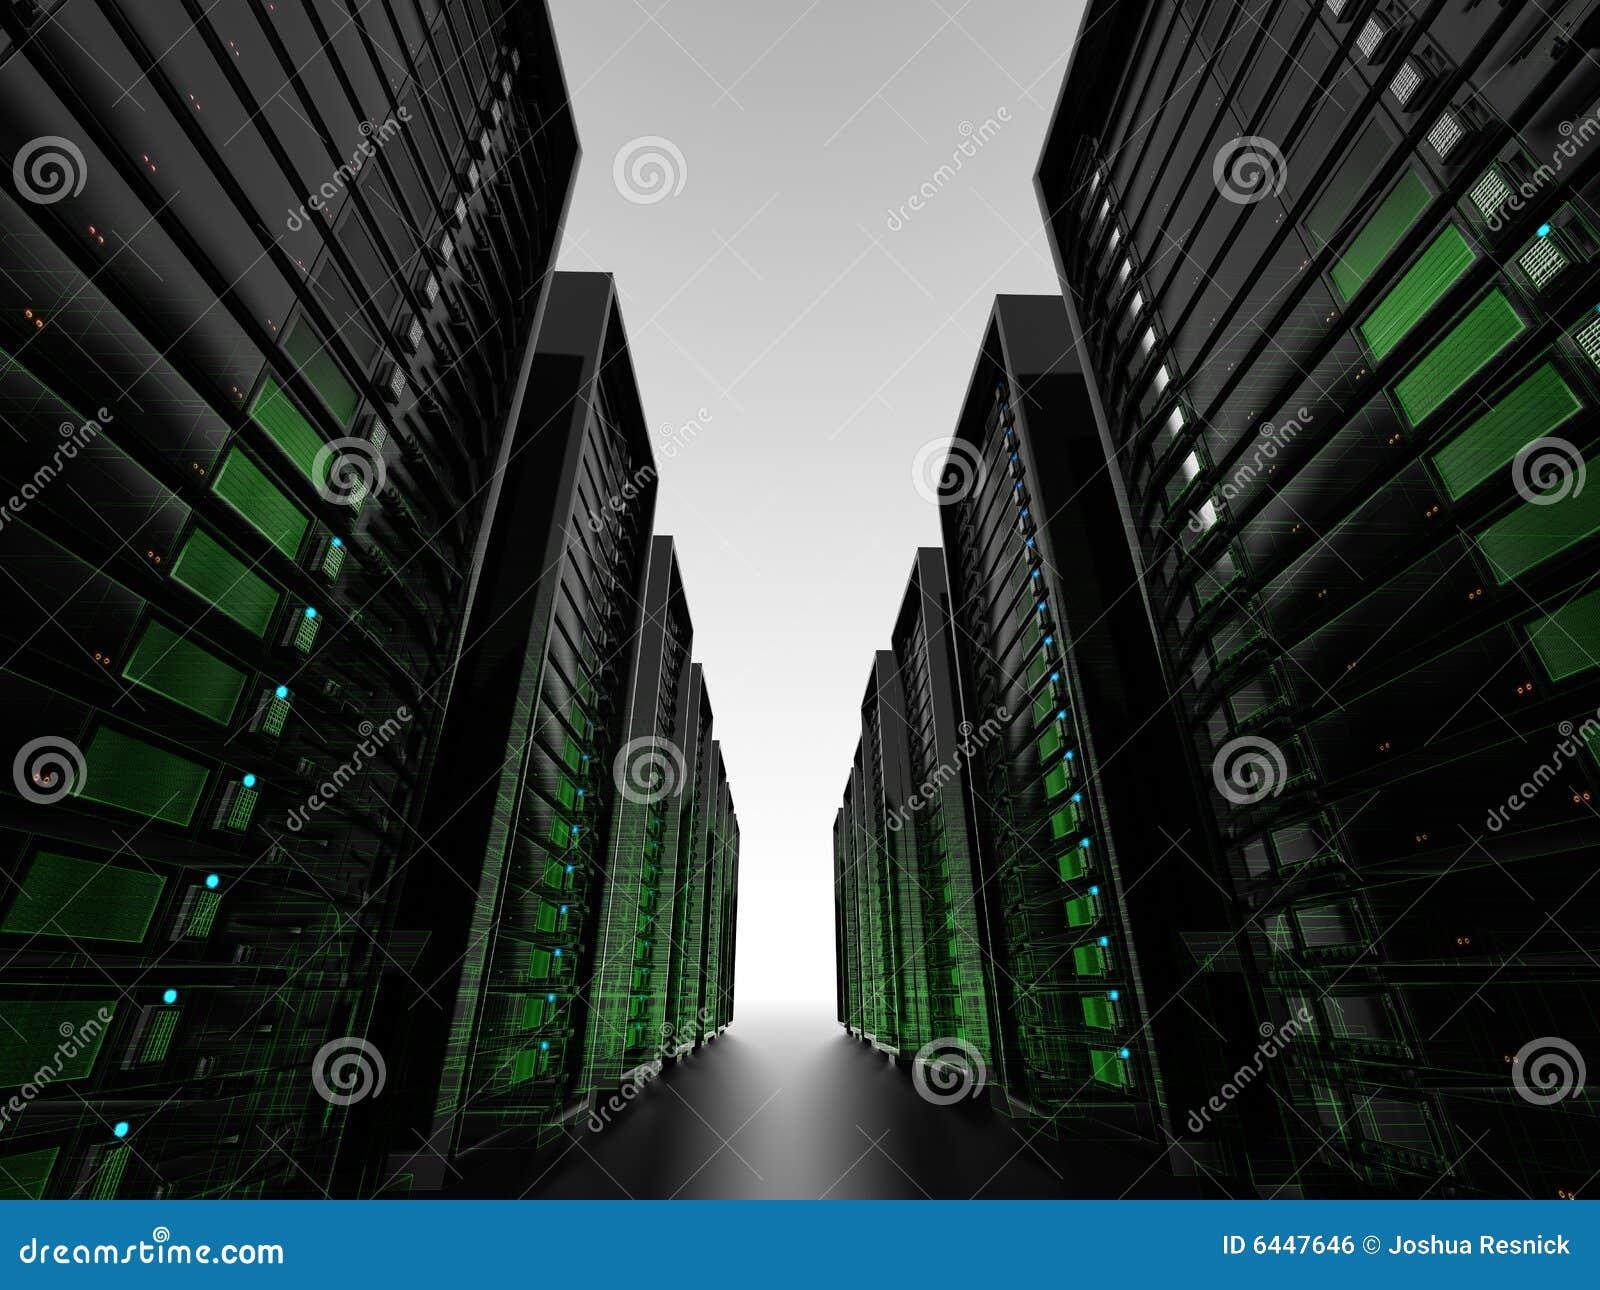 Conjuntos de server com wireframe